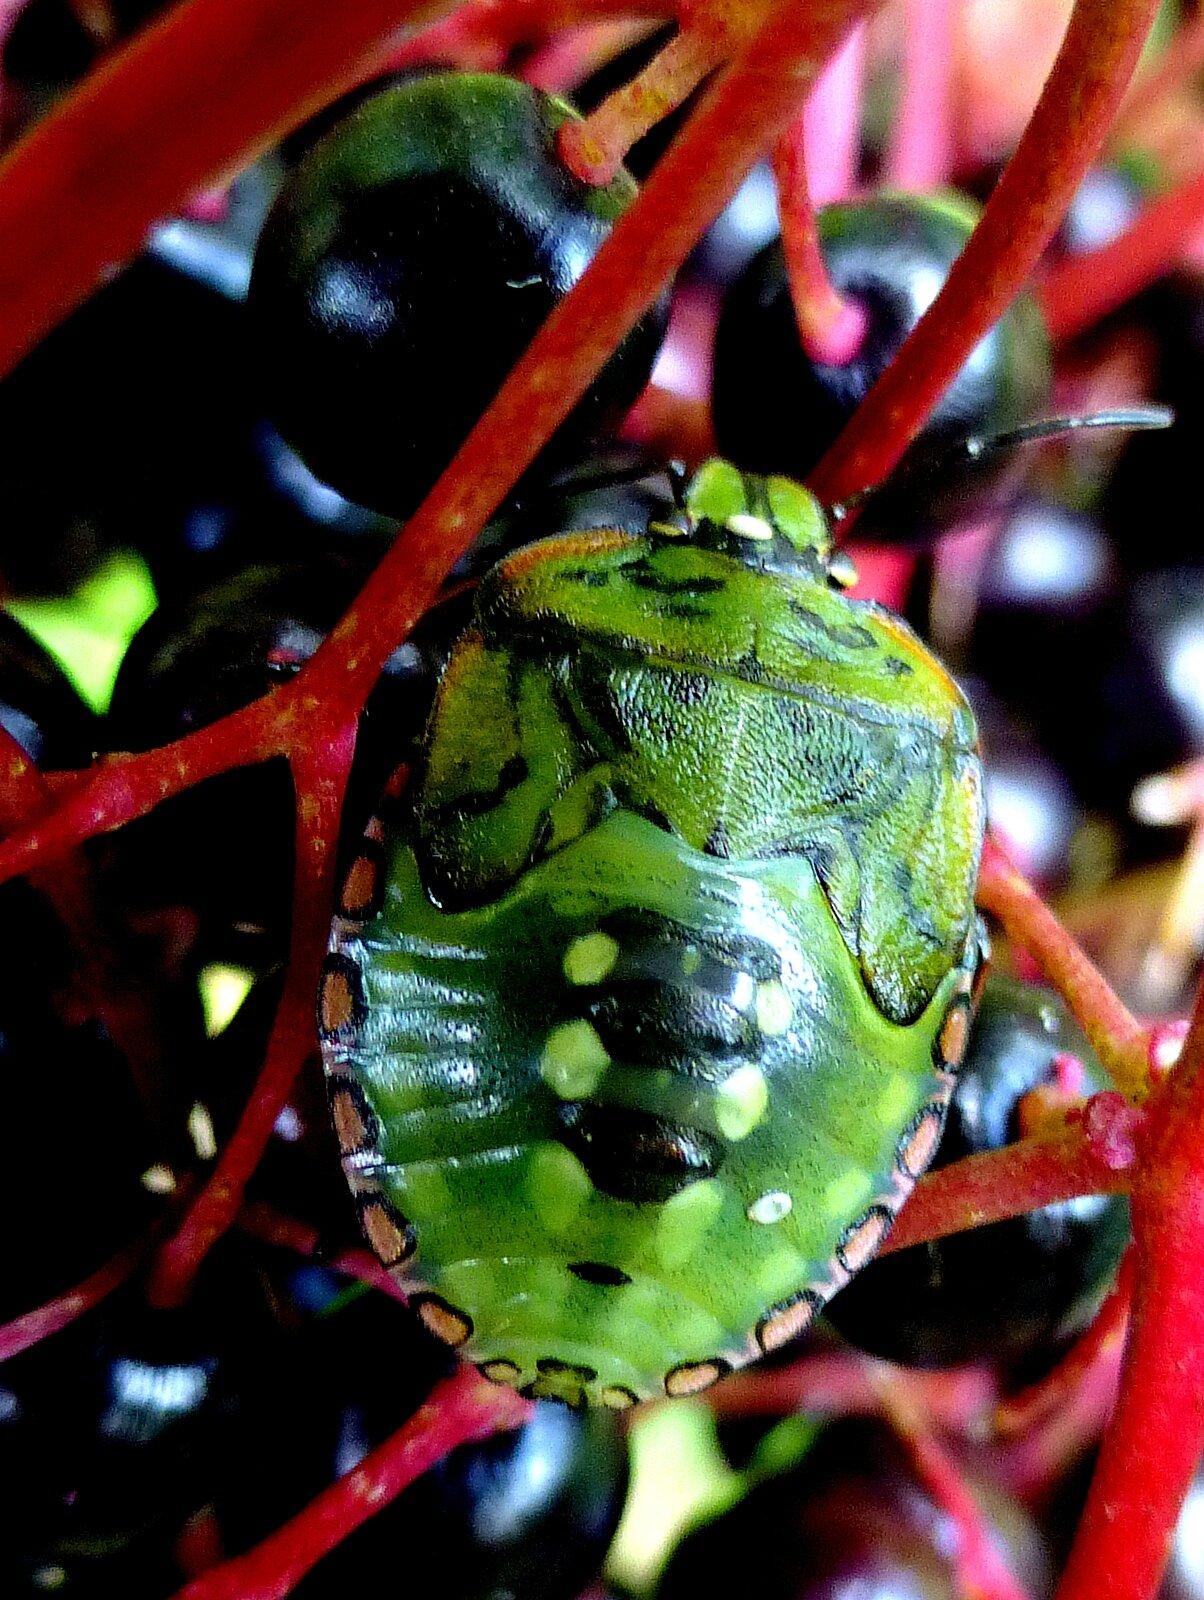 punaise verte juvénile sur baies de sureau